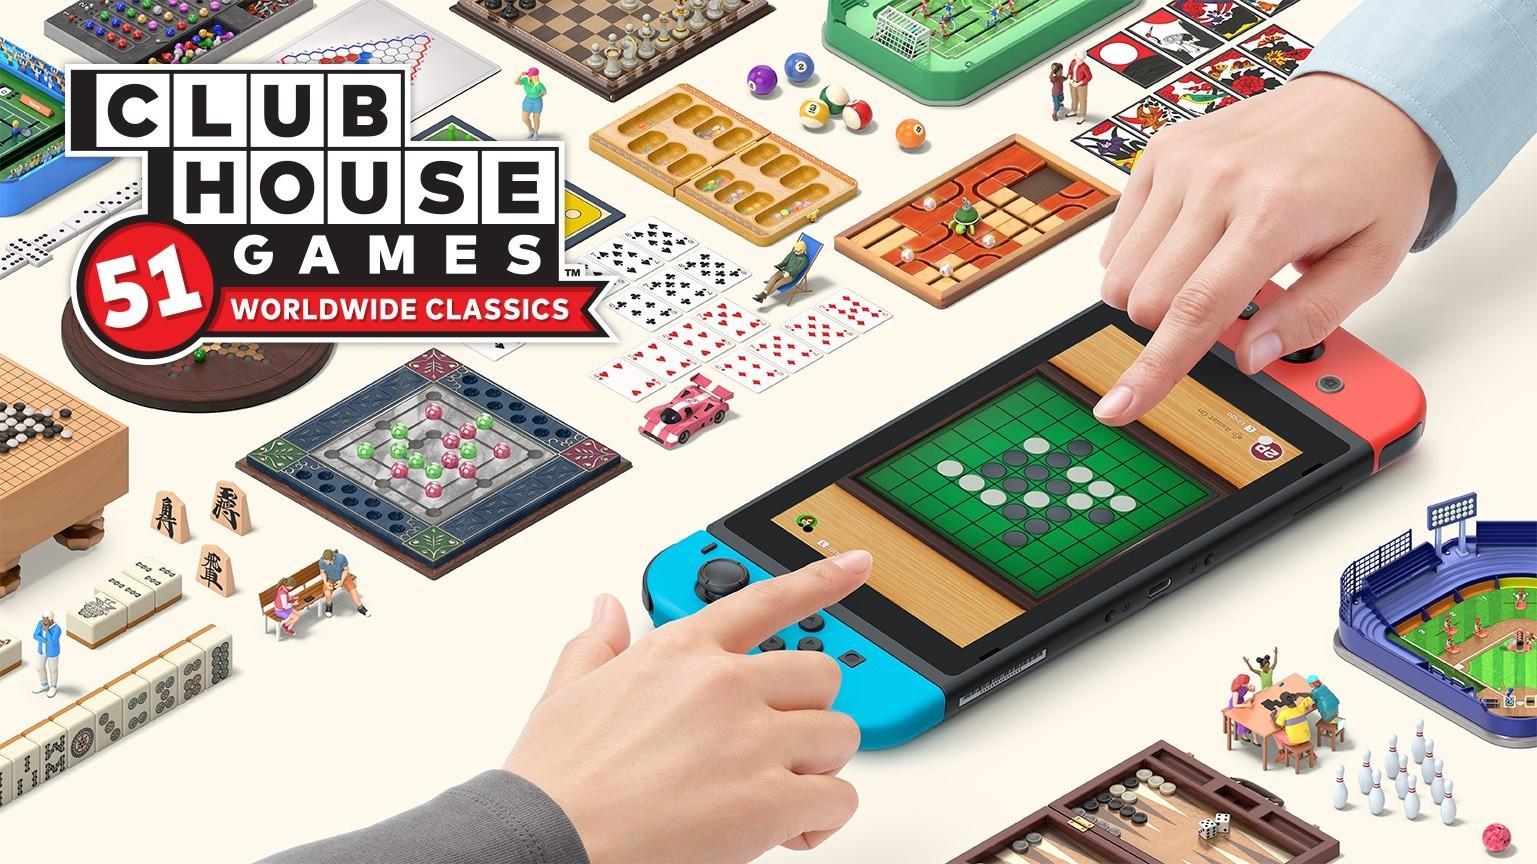 Наслаждайтесь коллекцией из 51 игры со всего света в 51 Worldwide Games на Switch 103